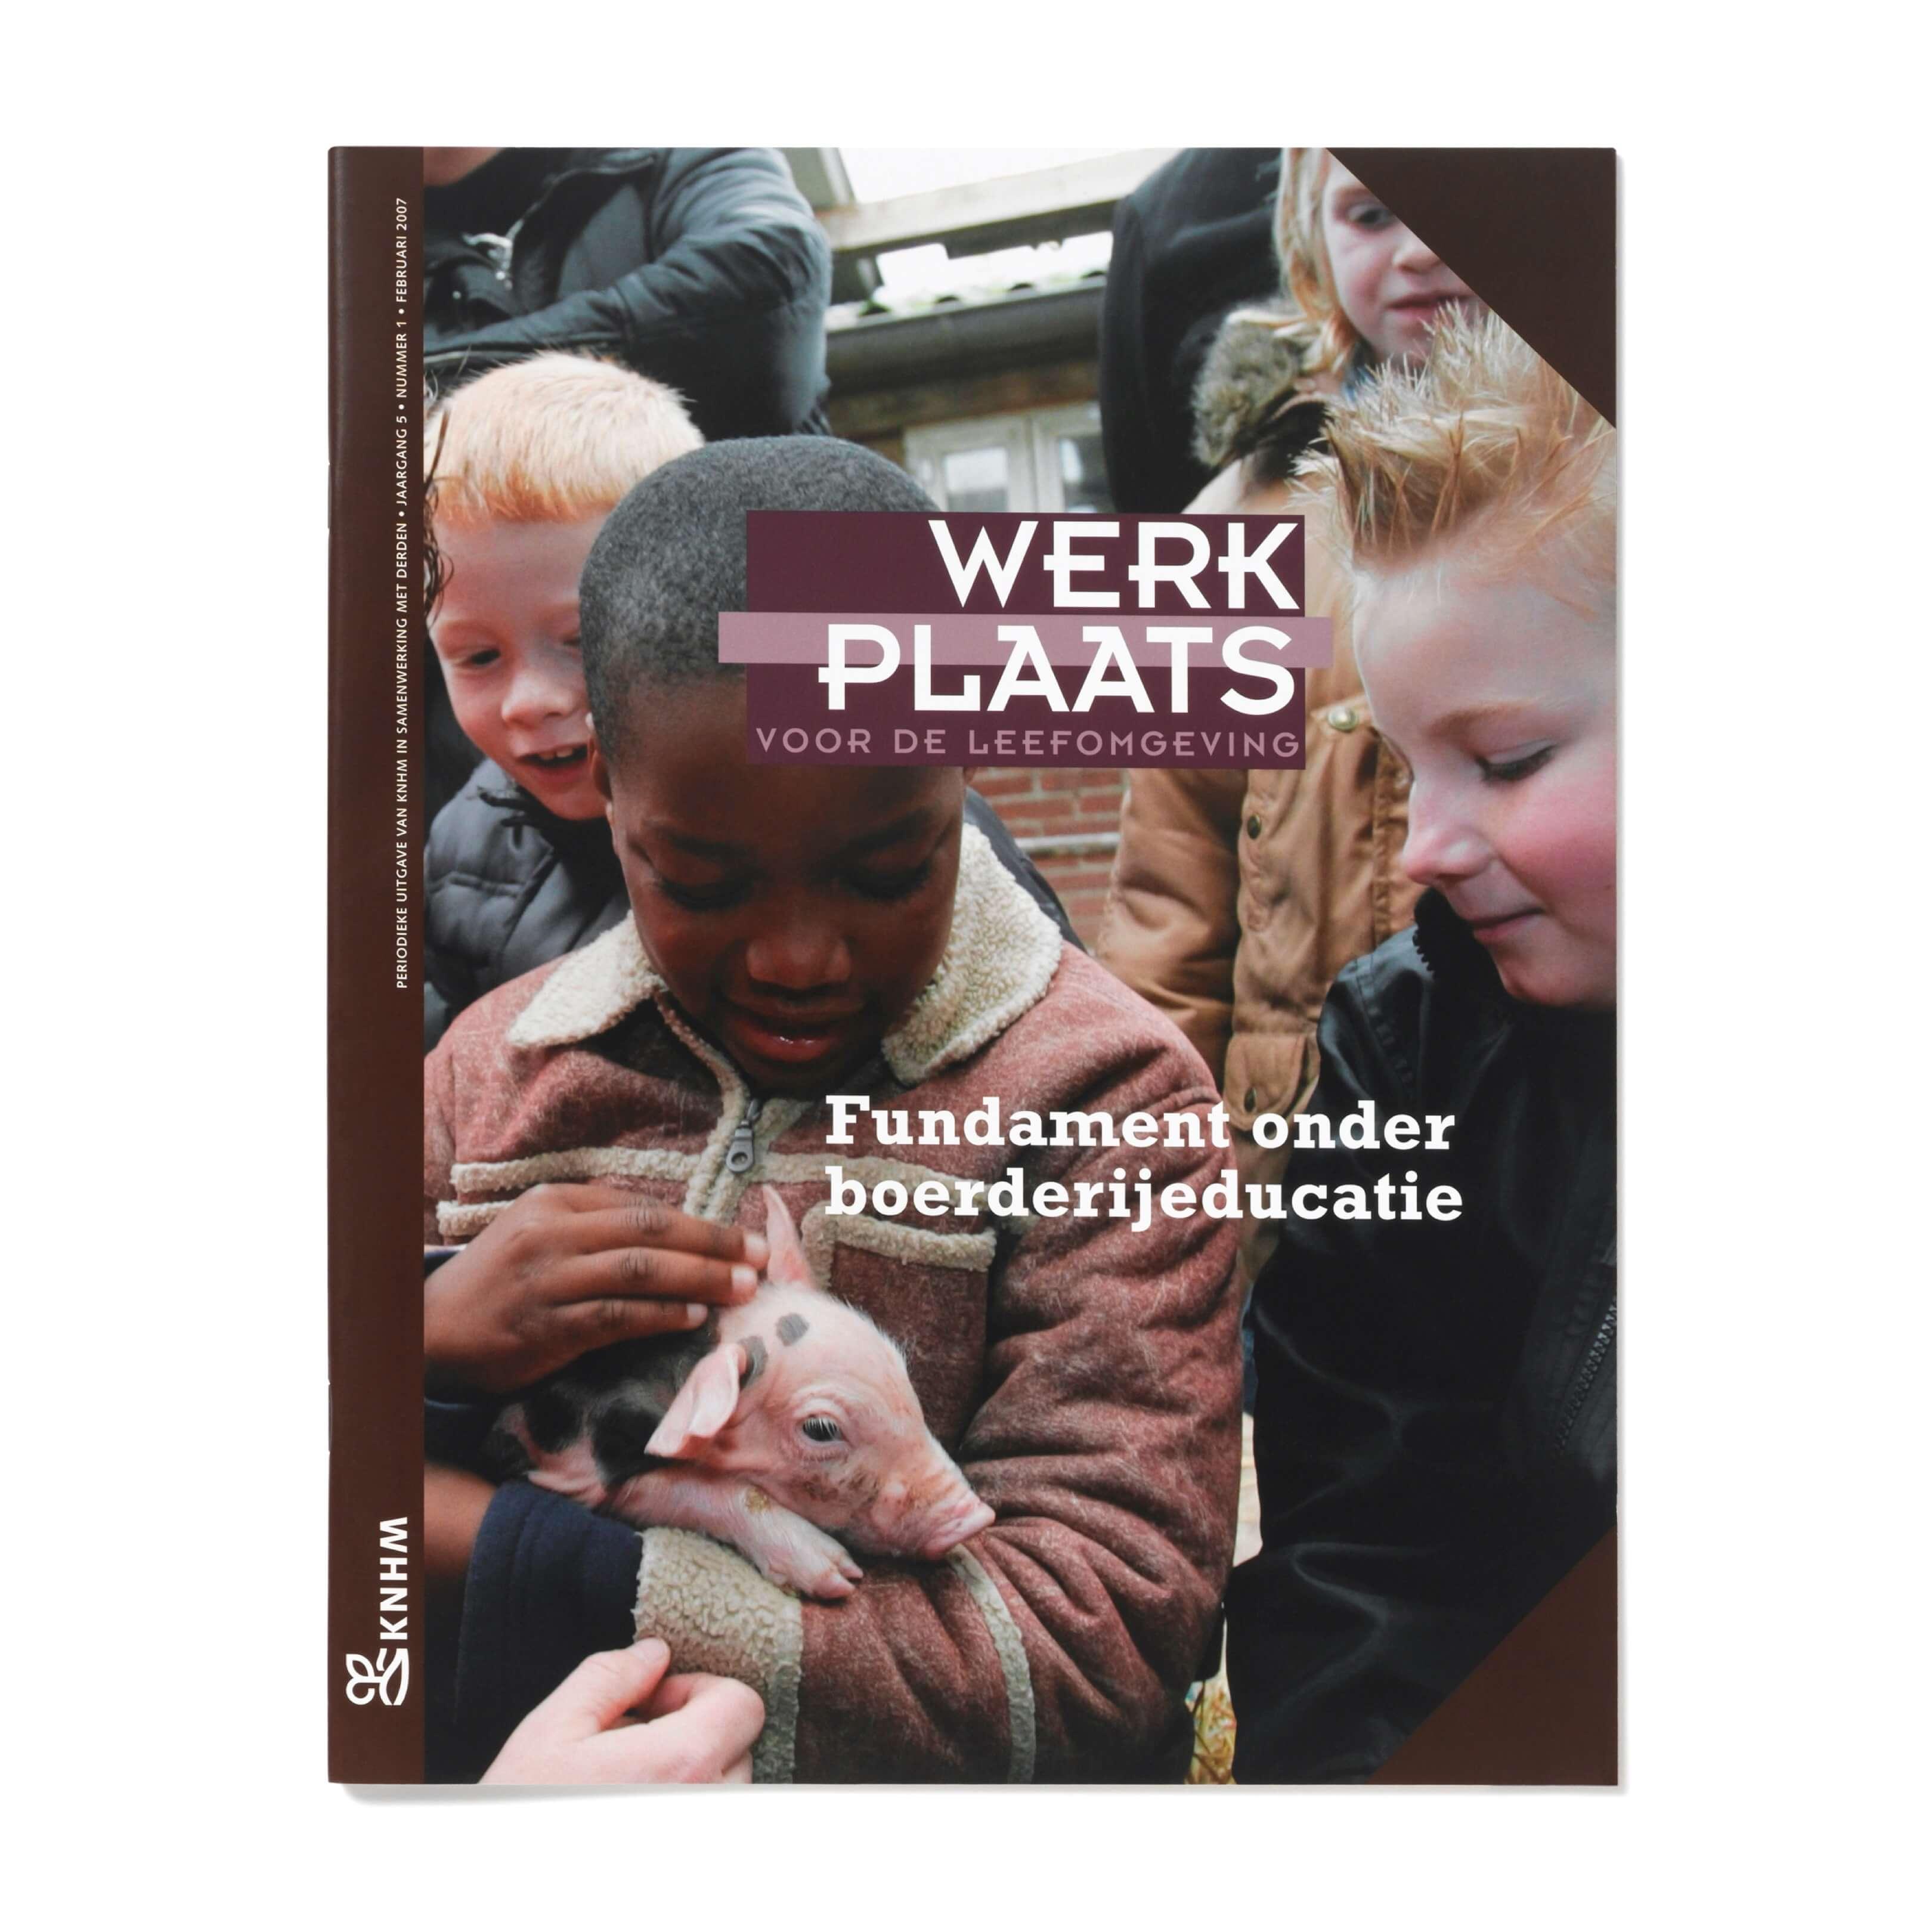 Jurjen Poeles Fotografie magazine cover Werkplaats KNHM educatie boerderij kinderen